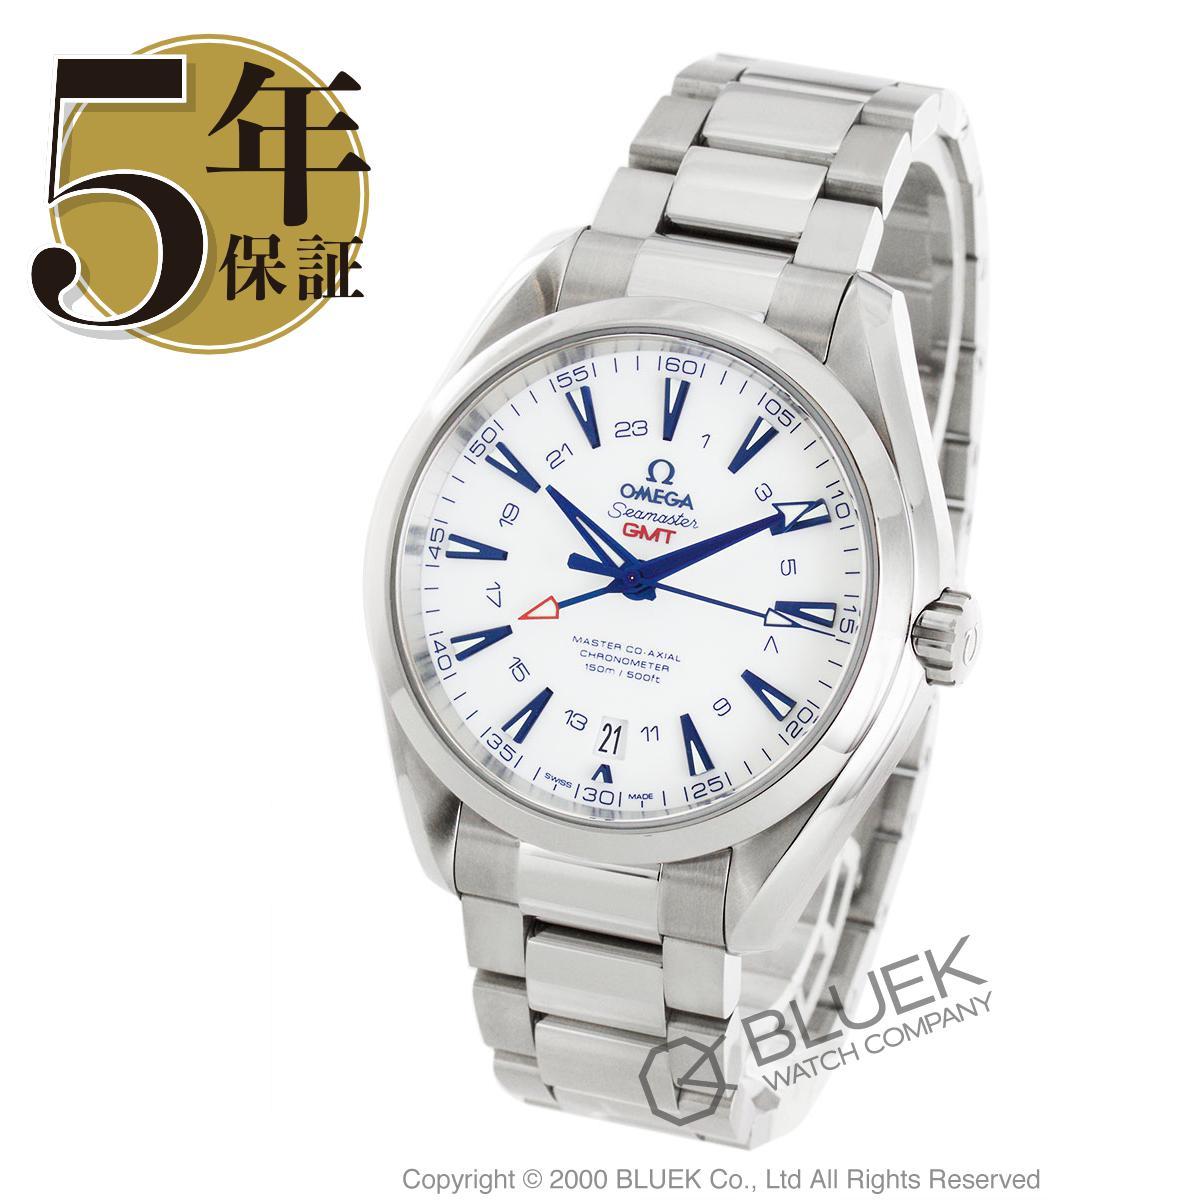 オメガ シーマスター アクアテラ グッドプラネット マスターコーアクシャル GMT 腕時計 メンズ OMEGA 231.90.43.22.04.001_5